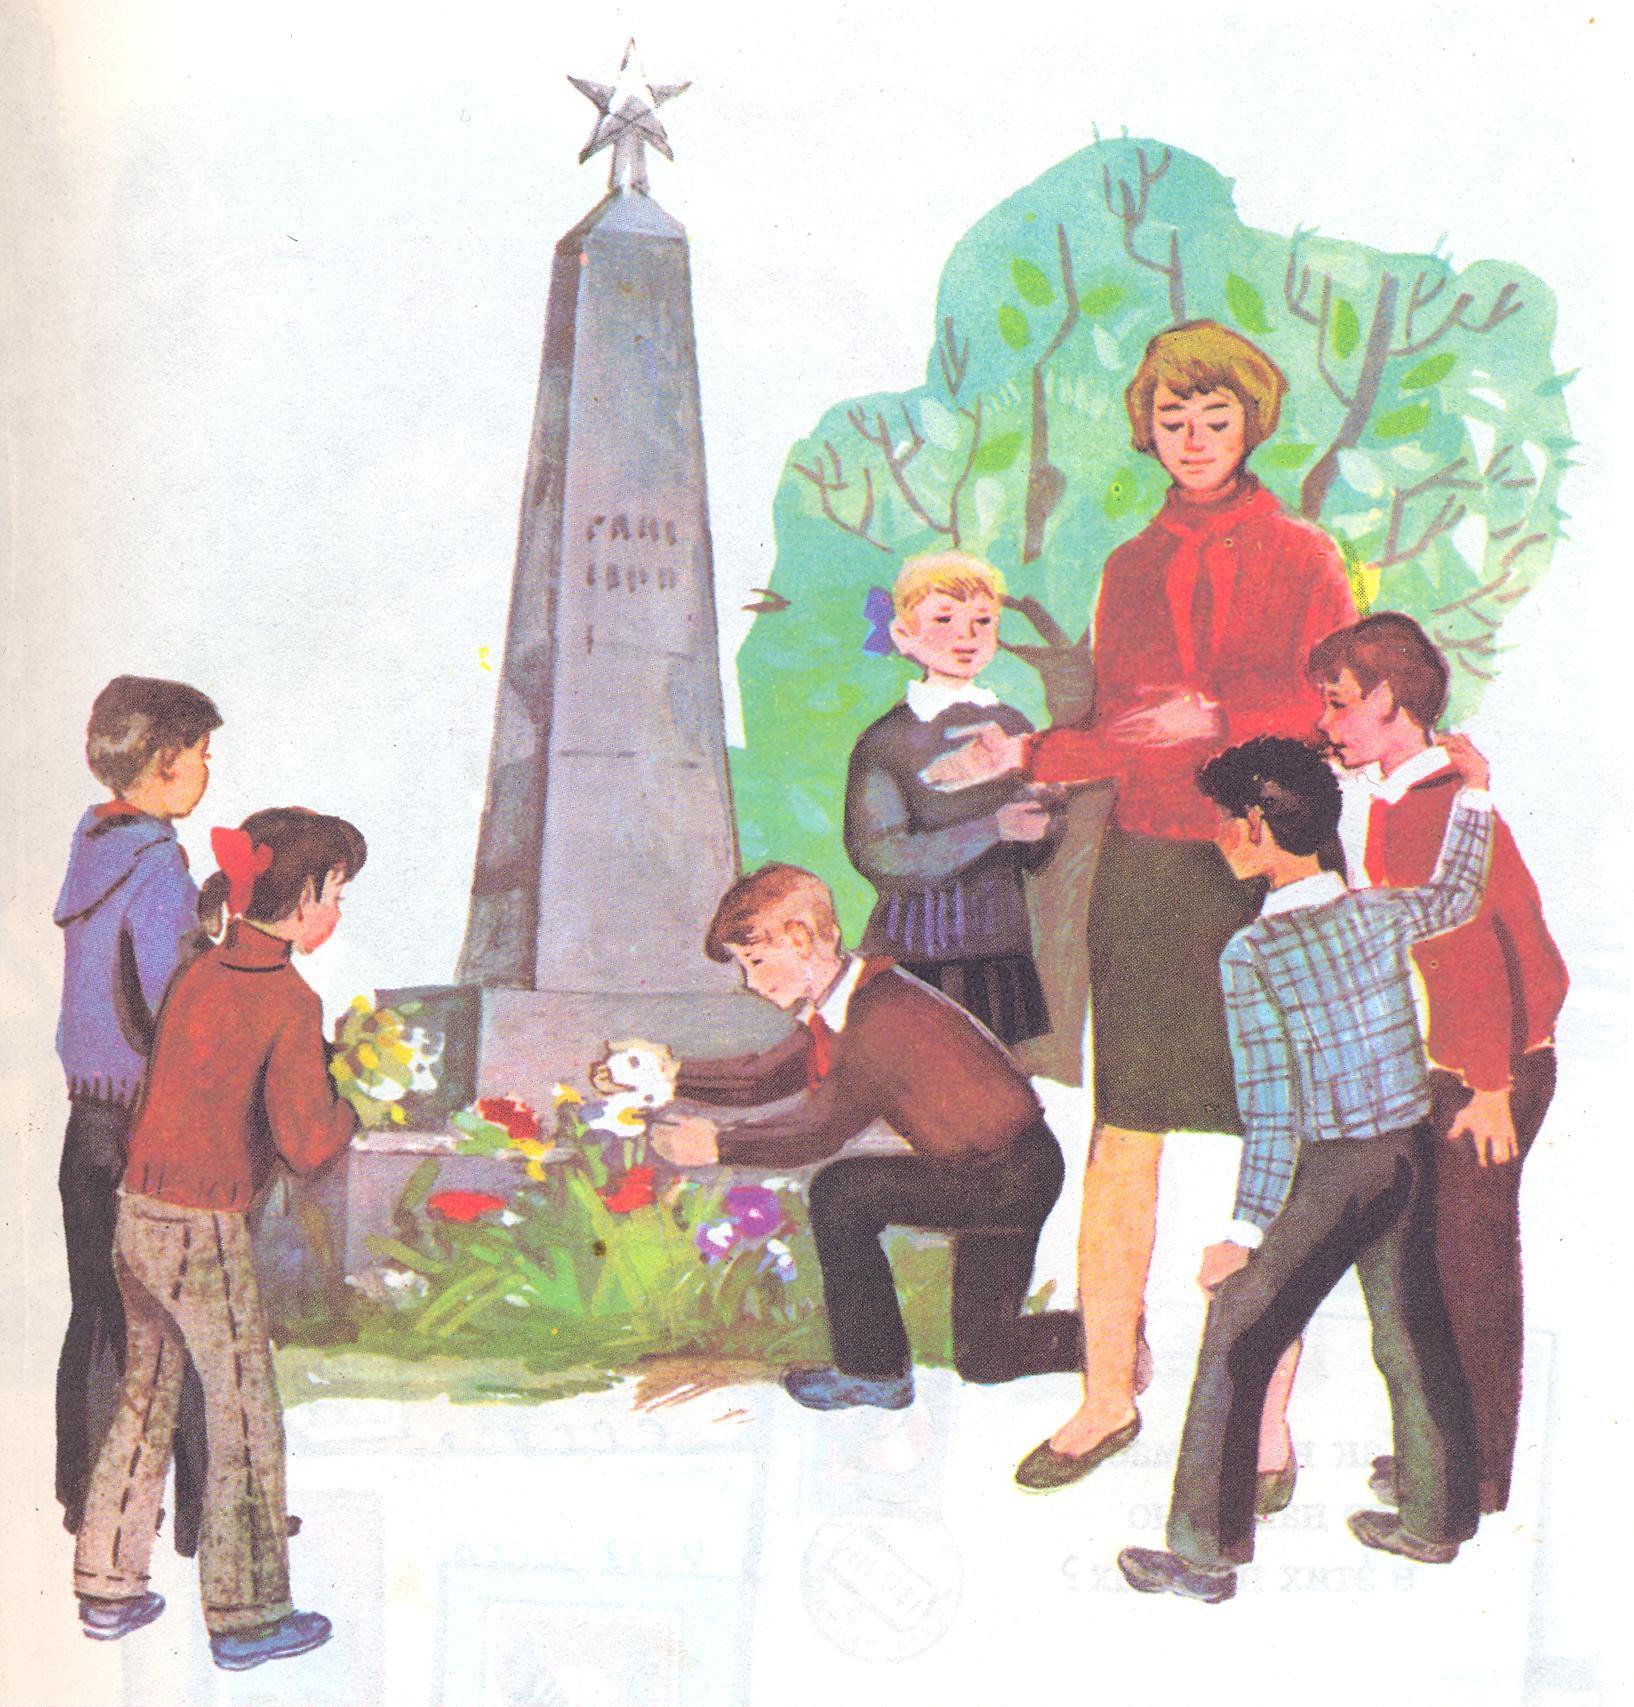 Картинки на тему день победы для детского сада, фото открытки